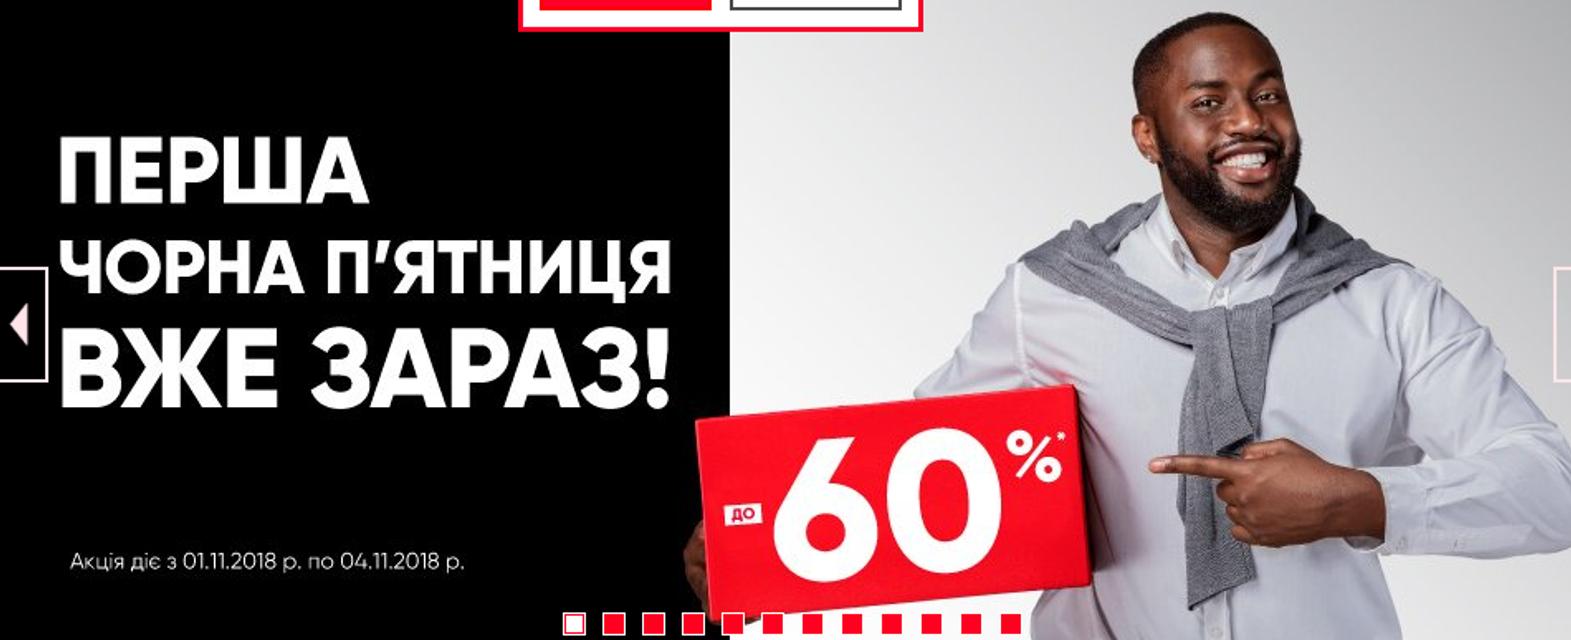 Крупнейшую украинскую сеть по продаже электроники обвинили в расизме - фото 156957